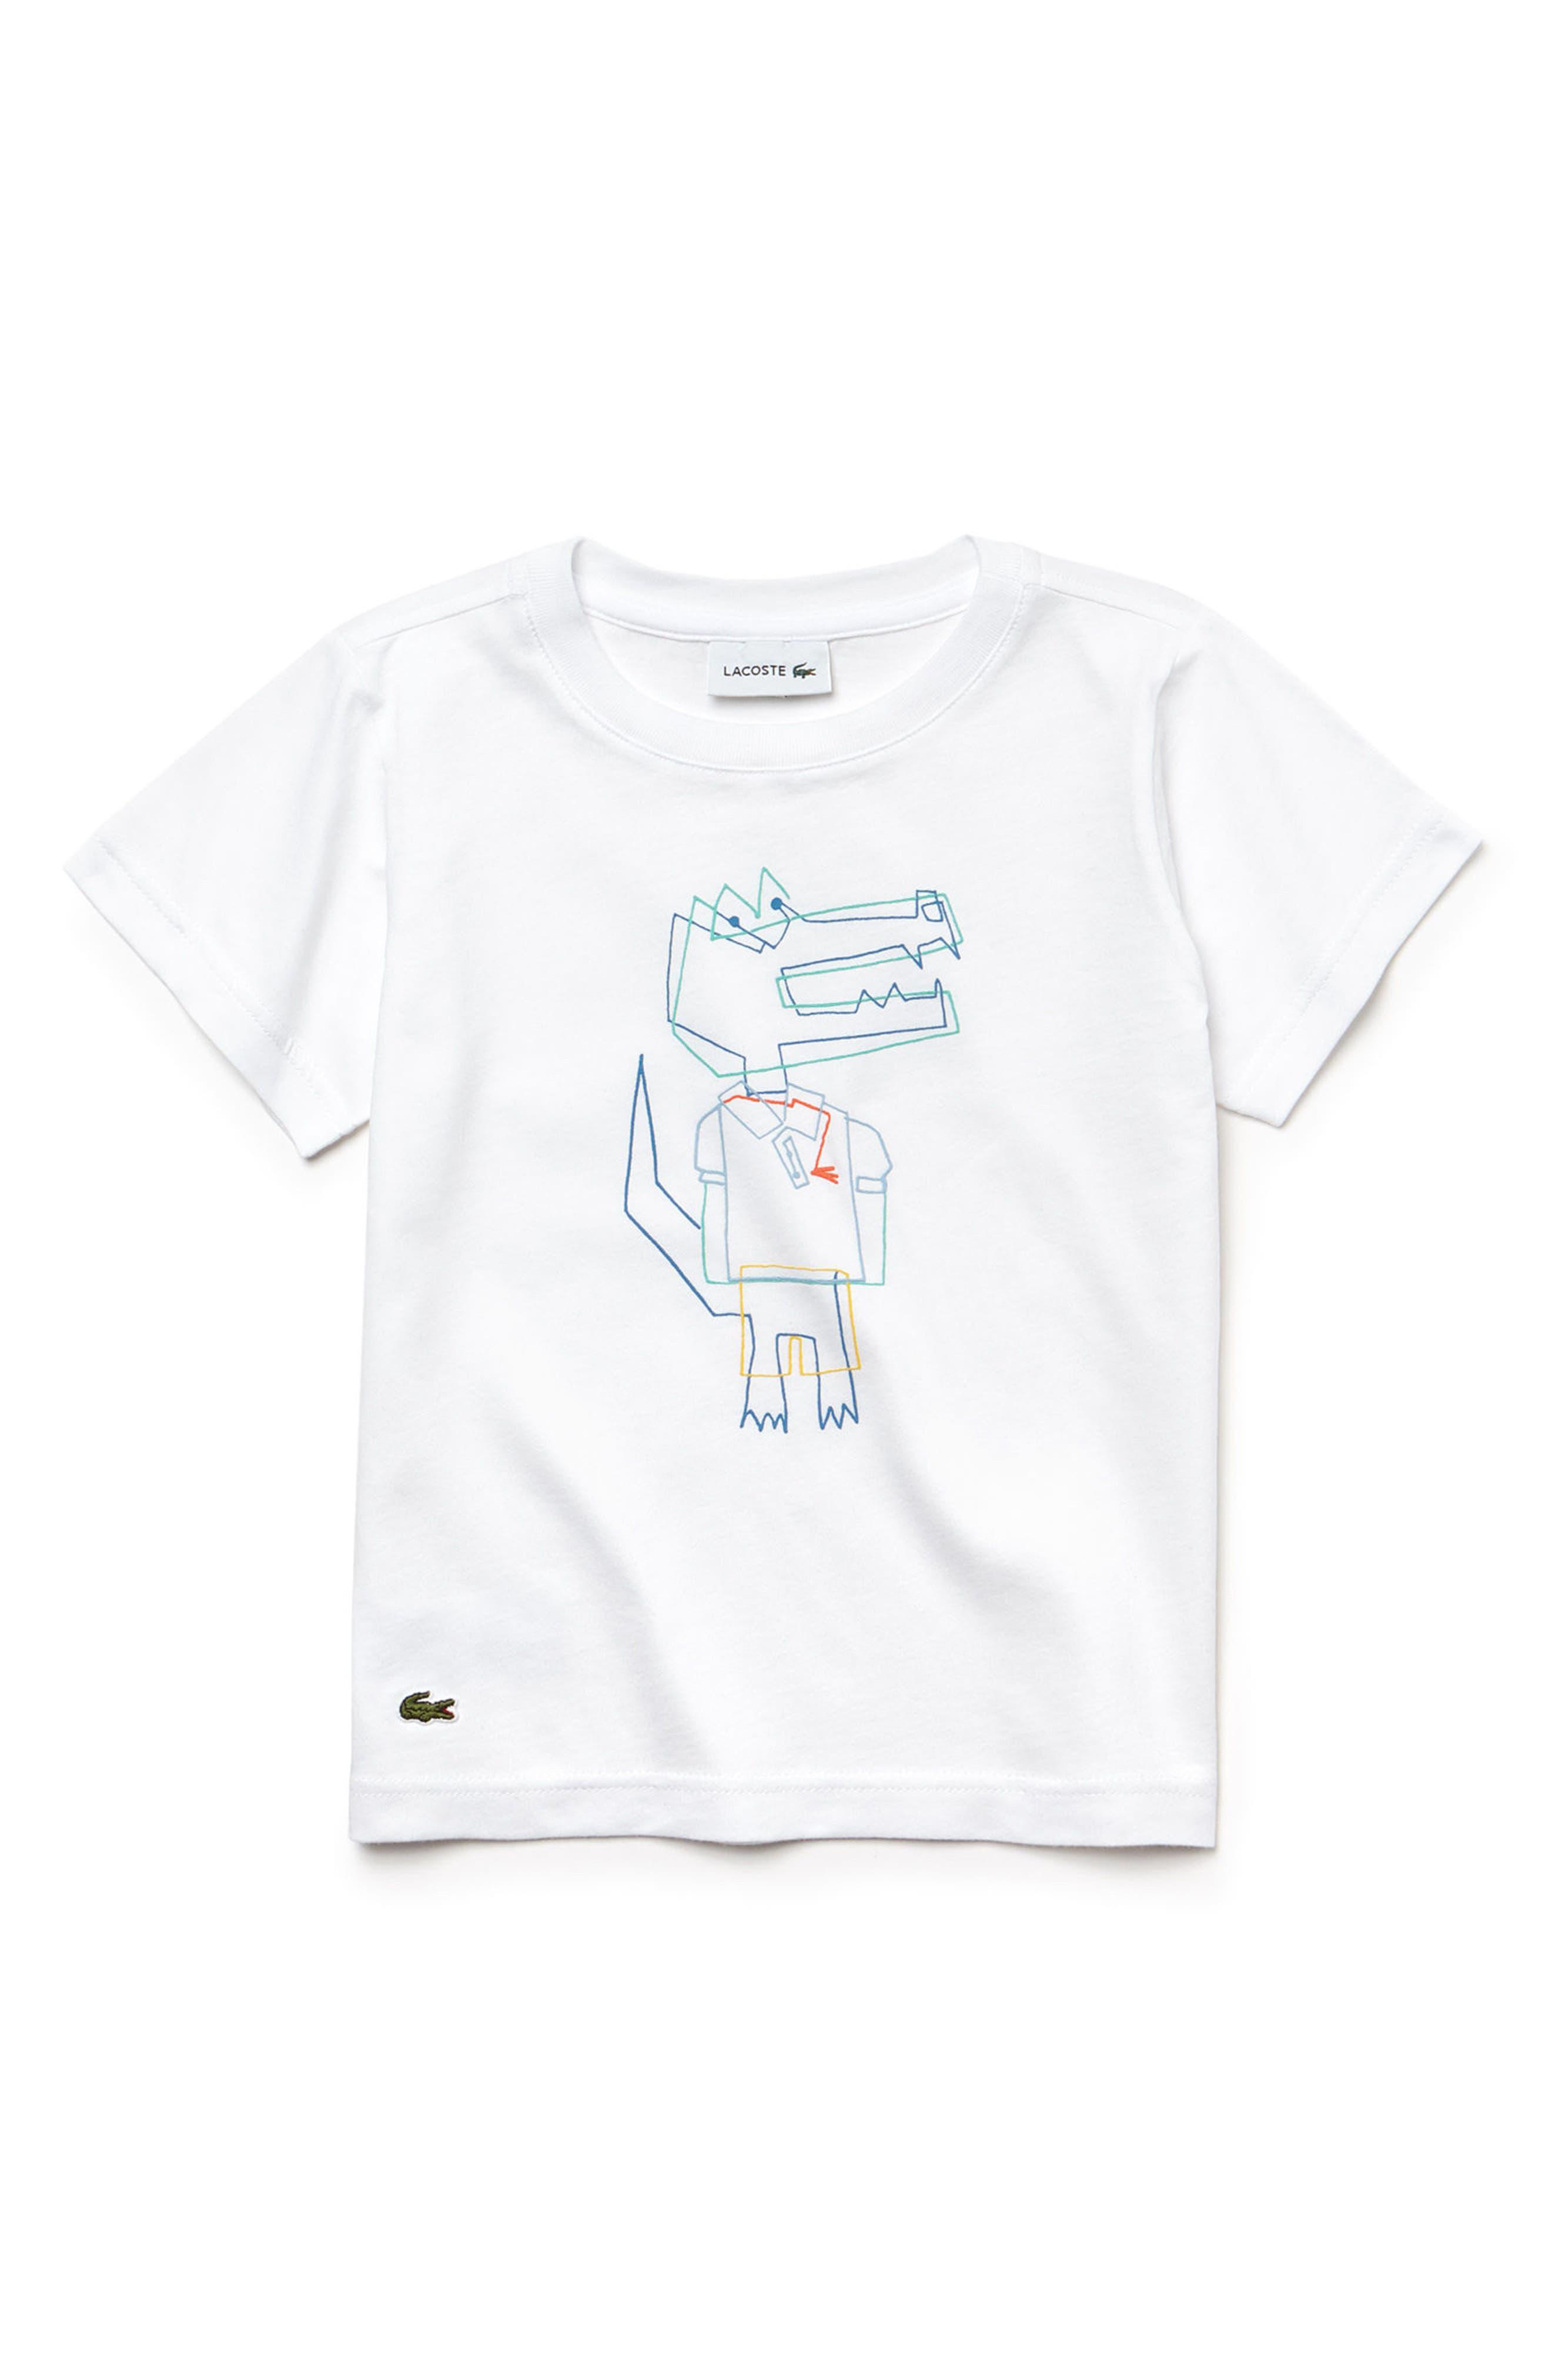 LACOSTE,                             Crocoline Graphic T-Shirt,                             Main thumbnail 1, color,                             174